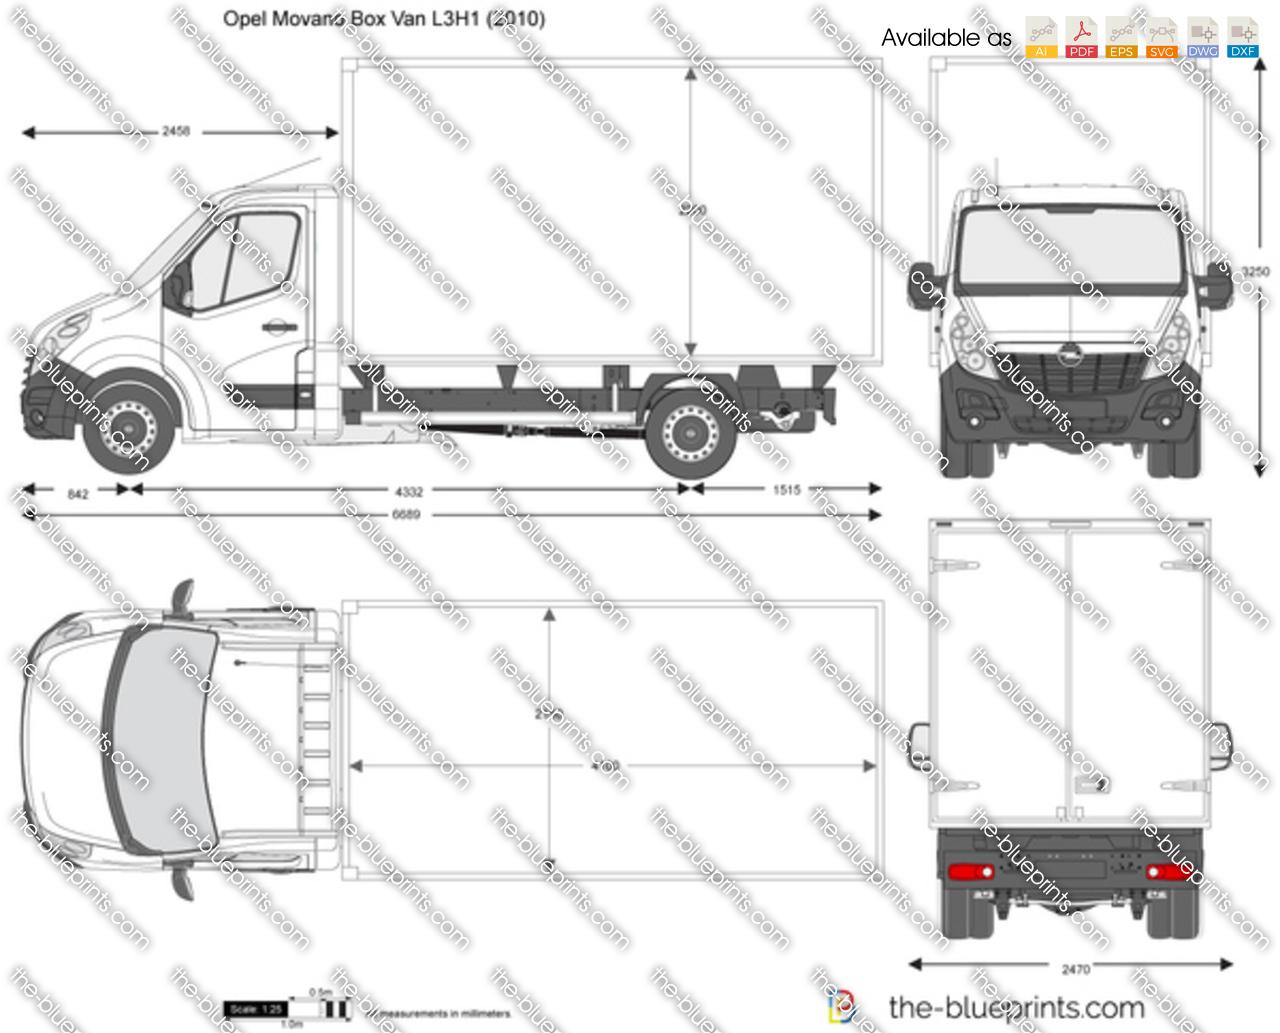 Opel Movano Box Van L3H1